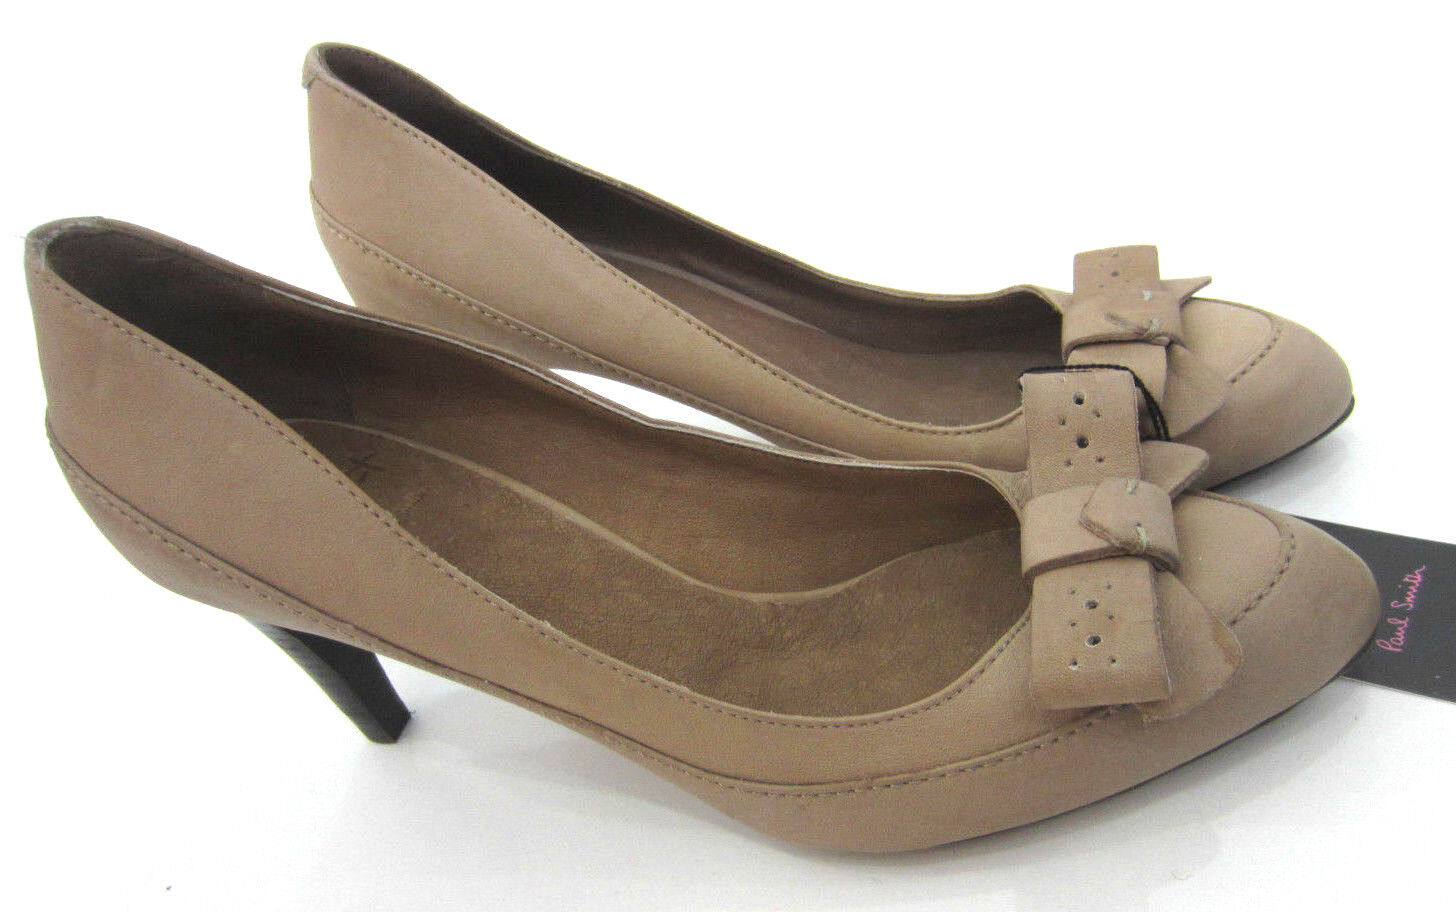 Zapatos Zapatos Zapatos De Cuero Paul Smith Tribunal Marrón Con Detalle De Moño Frontal UK6 EU39  Mercancía de alta calidad y servicio conveniente y honesto.